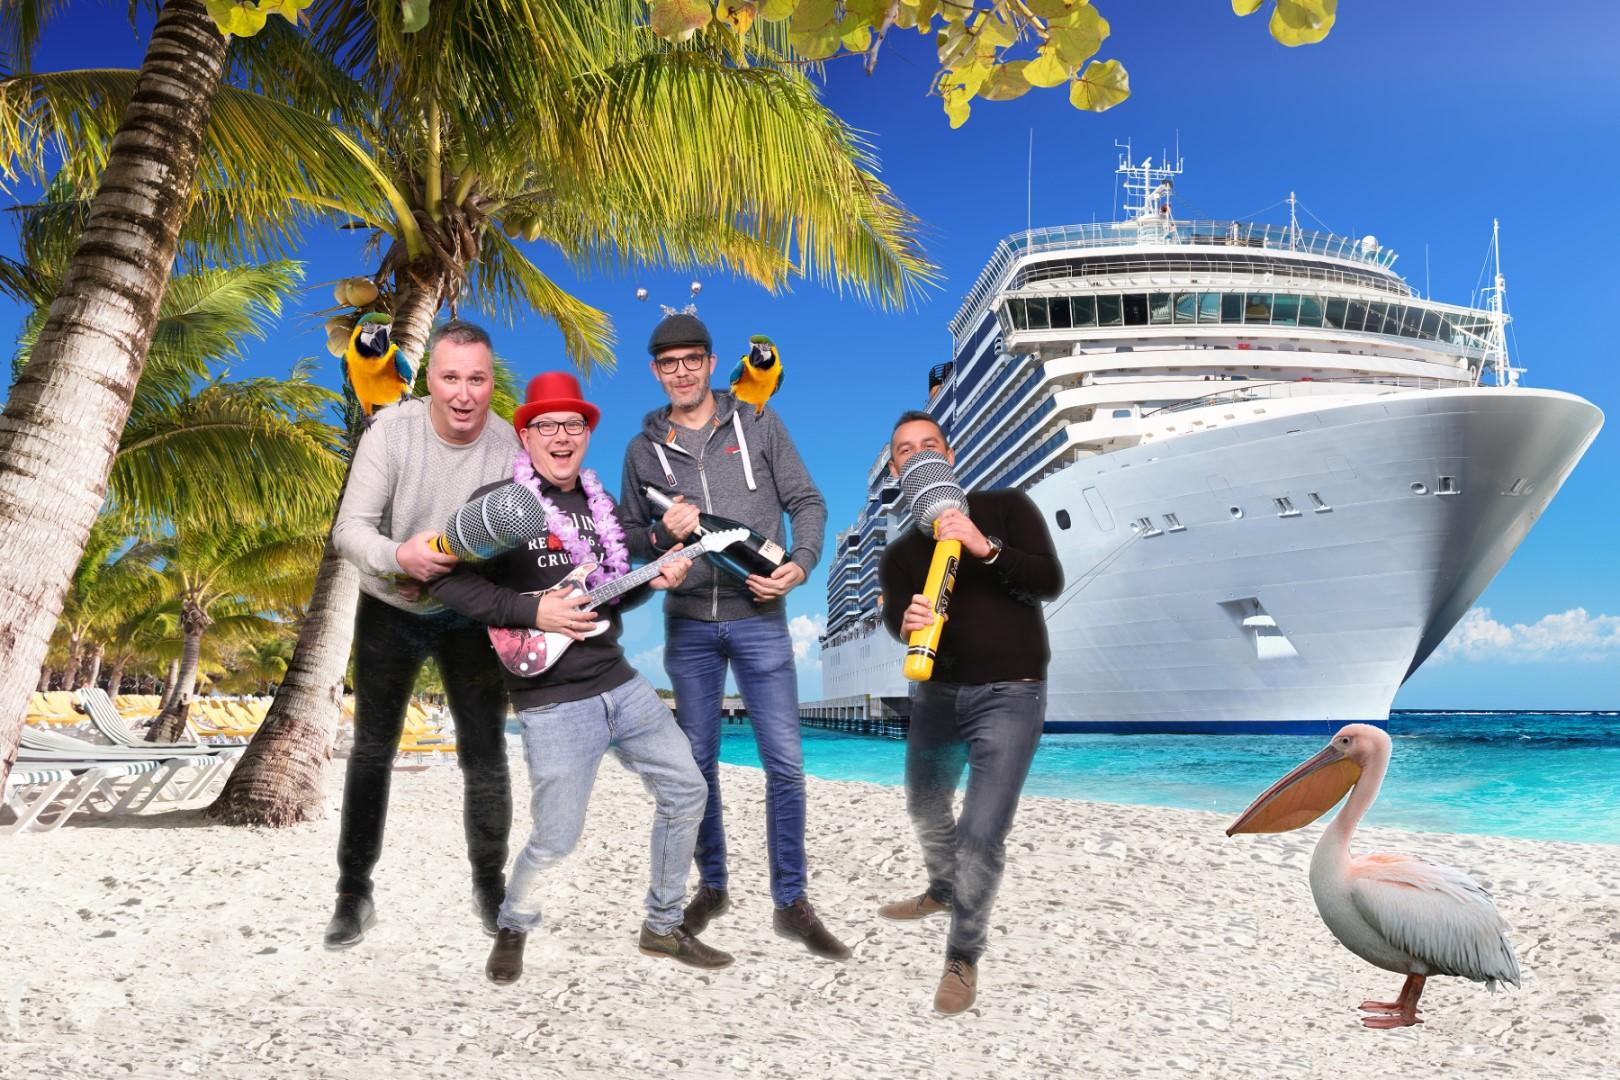 Green screen fotostudio met cruiseschip op achtergrond